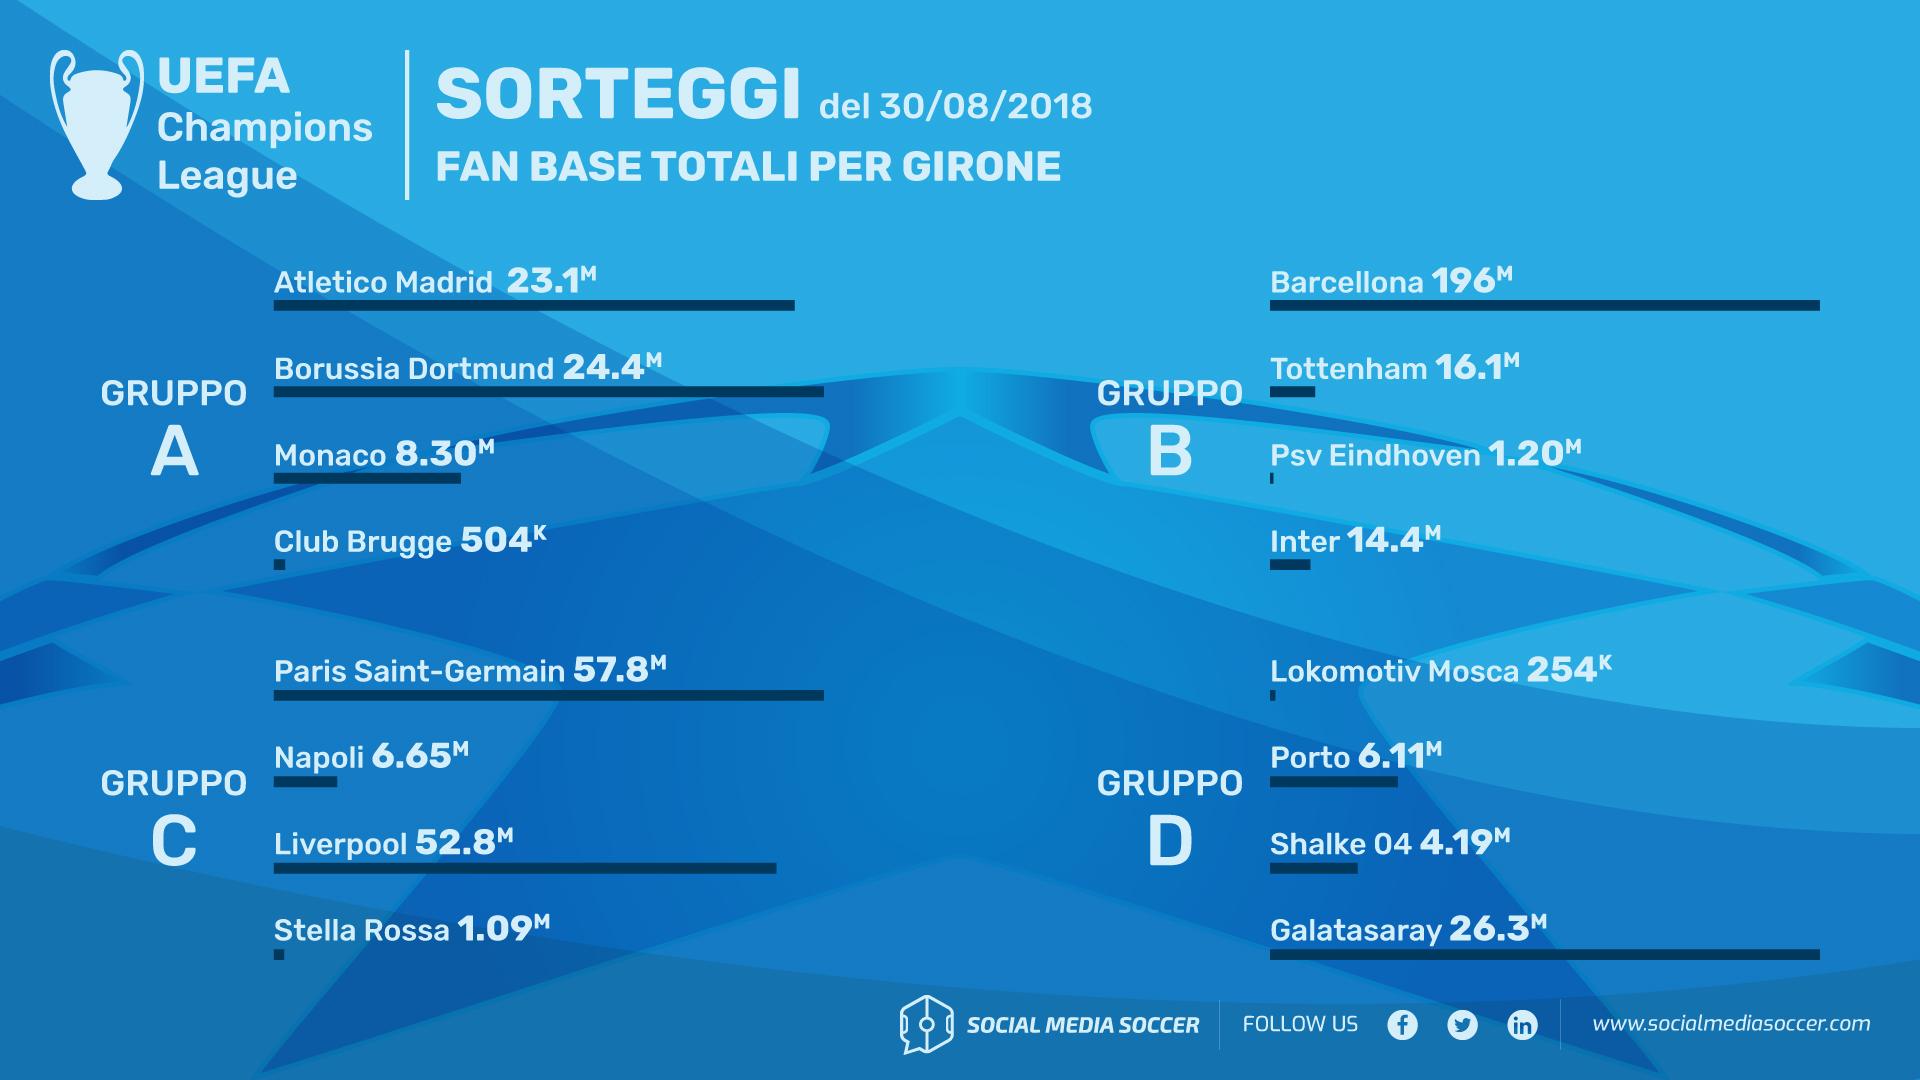 Guida social ai gironi di Champions League 2018/19 Gironi A-D